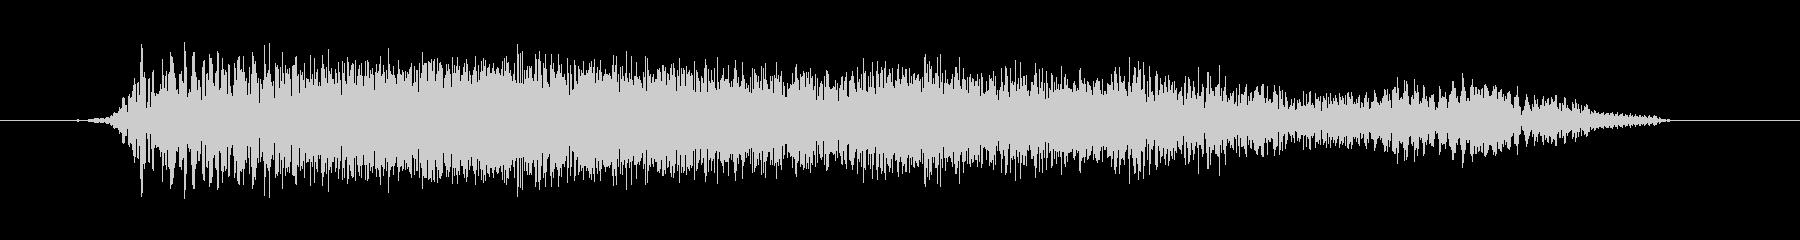 ギューンという上昇感を感じさせる短い音の未再生の波形